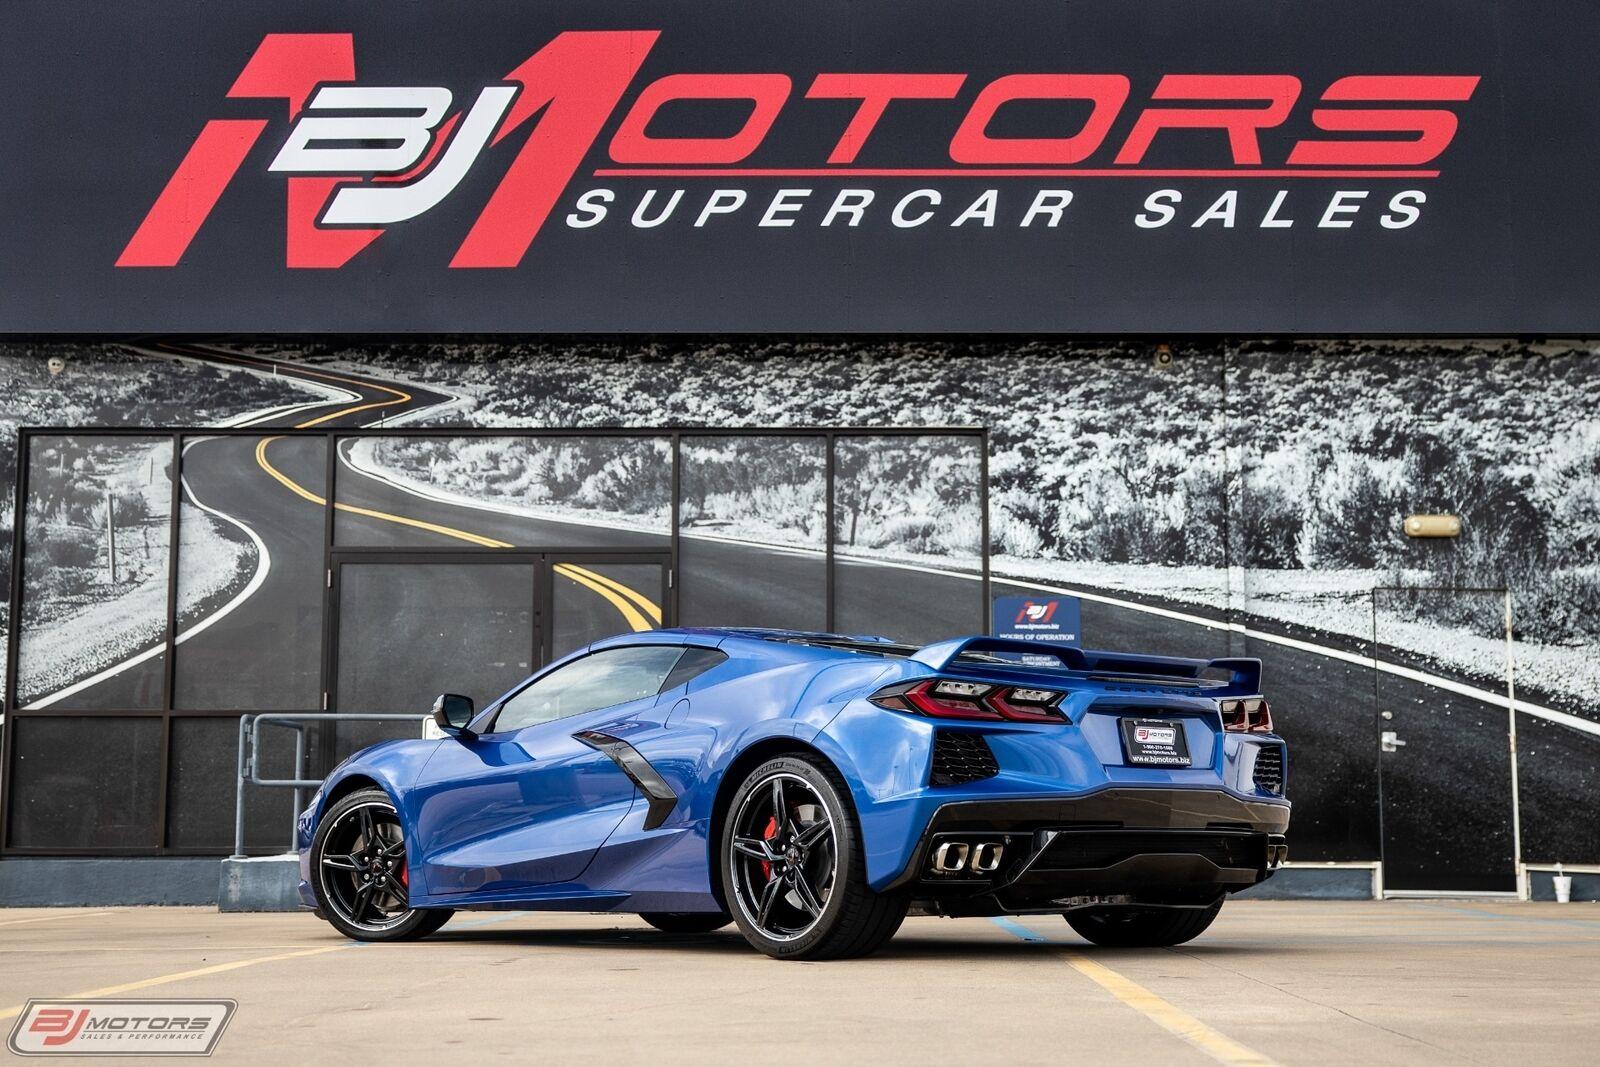 2020 Blue Chevrolet Corvette  2LT | C7 Corvette Photo 2